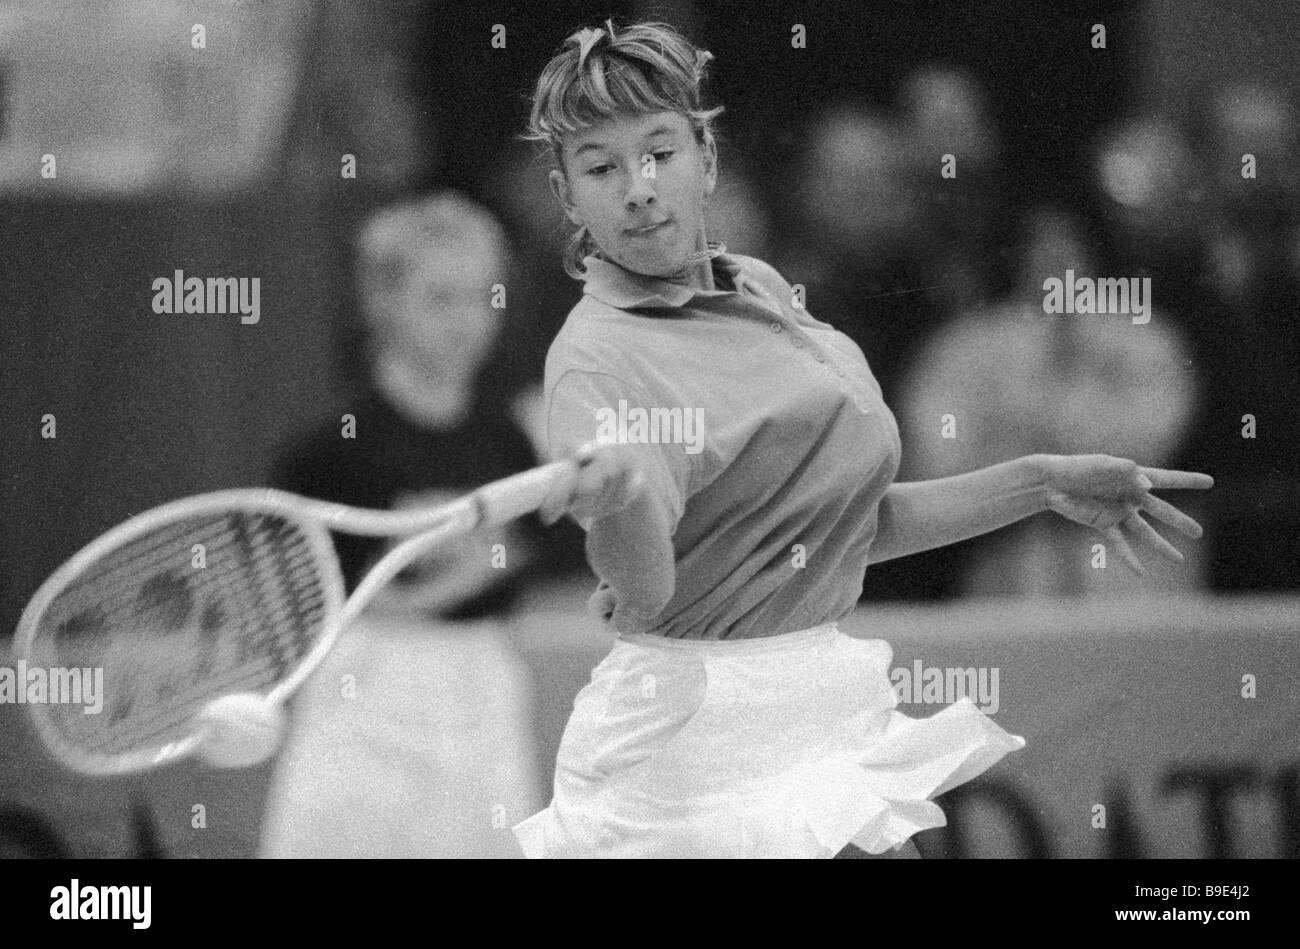 Tennis player Natalia Zvereva - Stock Image